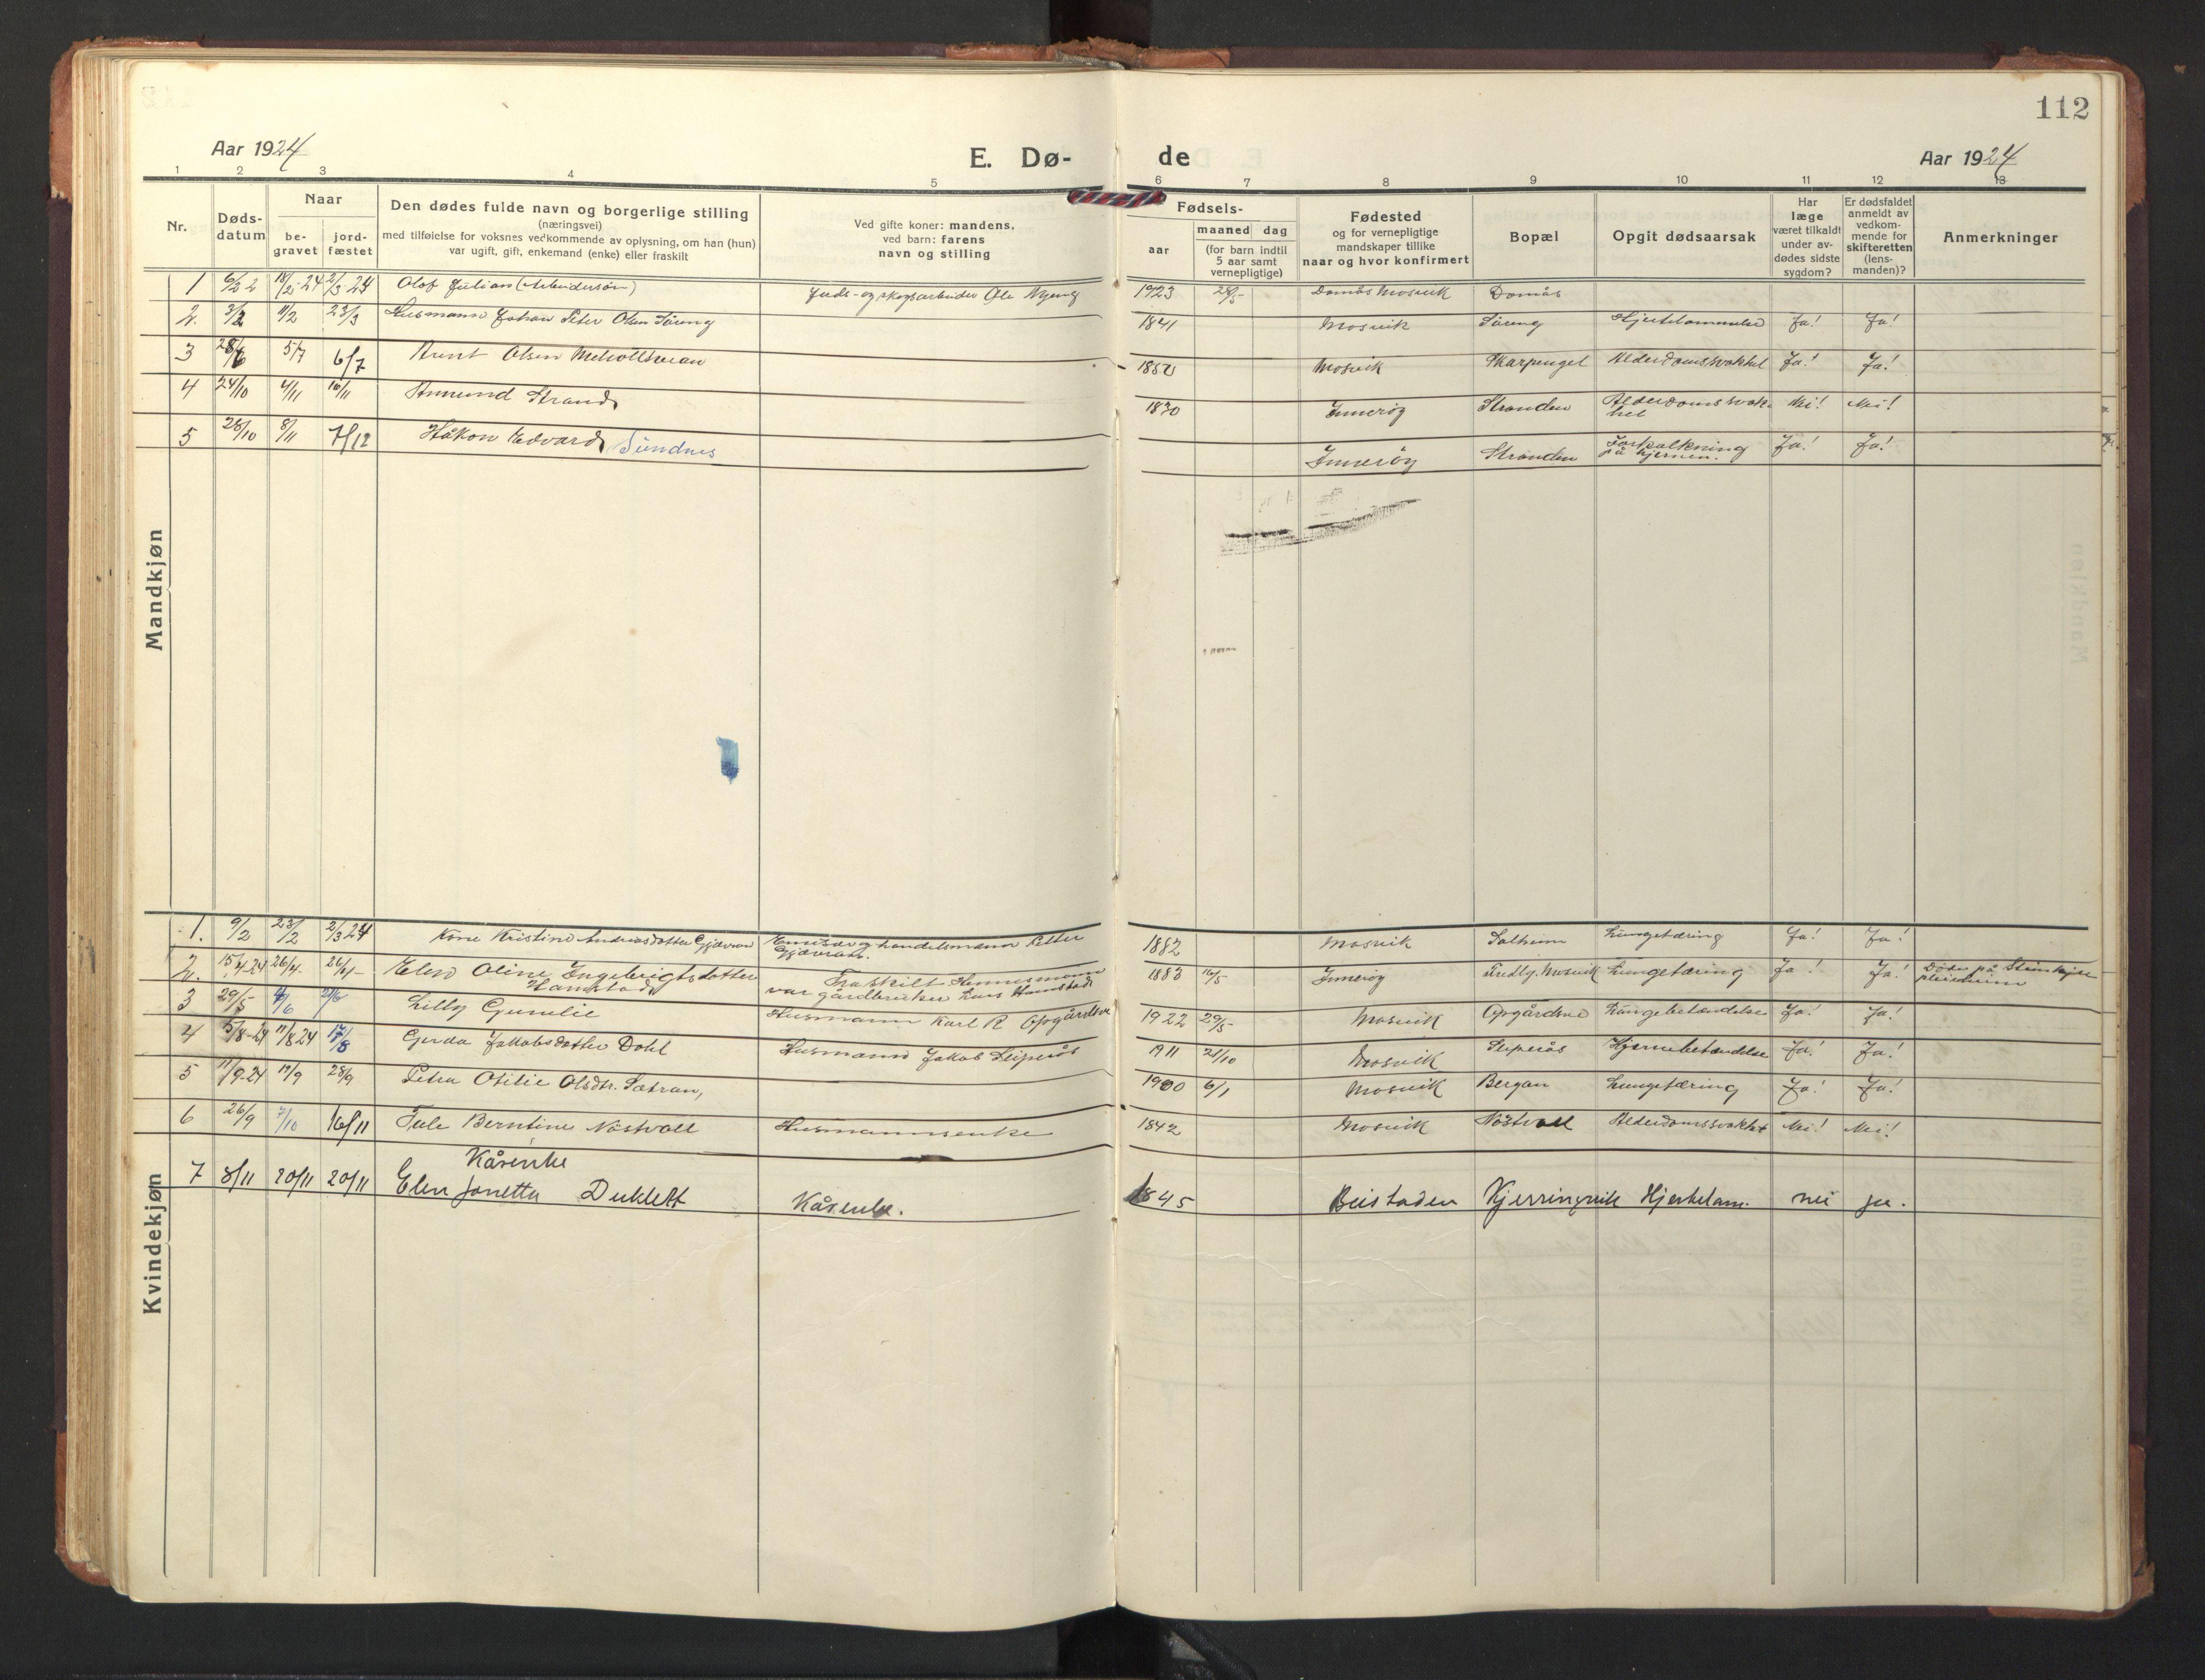 SAT, Ministerialprotokoller, klokkerbøker og fødselsregistre - Nord-Trøndelag, 733/L0328: Klokkerbok nr. 733C03, 1919-1966, s. 112